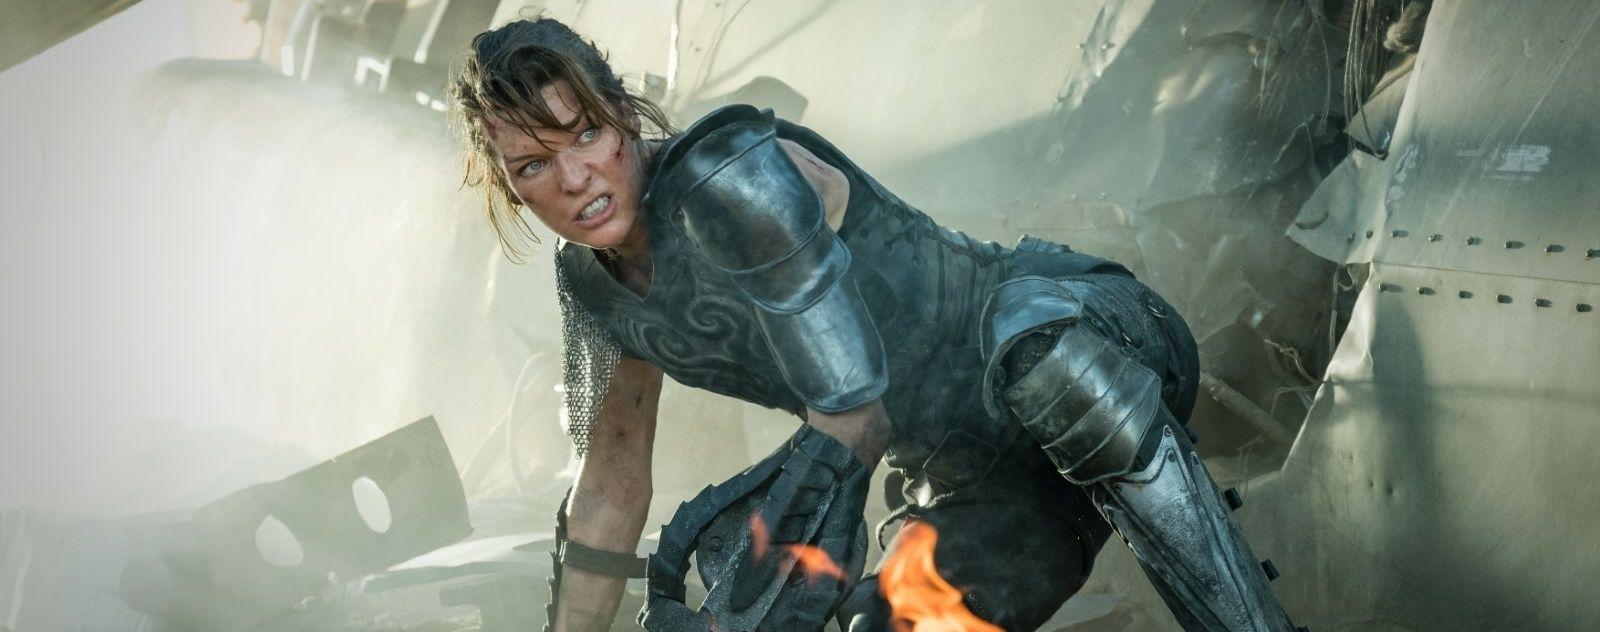 Après Monster Hunter, Paul WS Anderson va réaliser un autre film de fantasy avec Milla Jovovich et Dave Bautista - ÉcranLarge.com